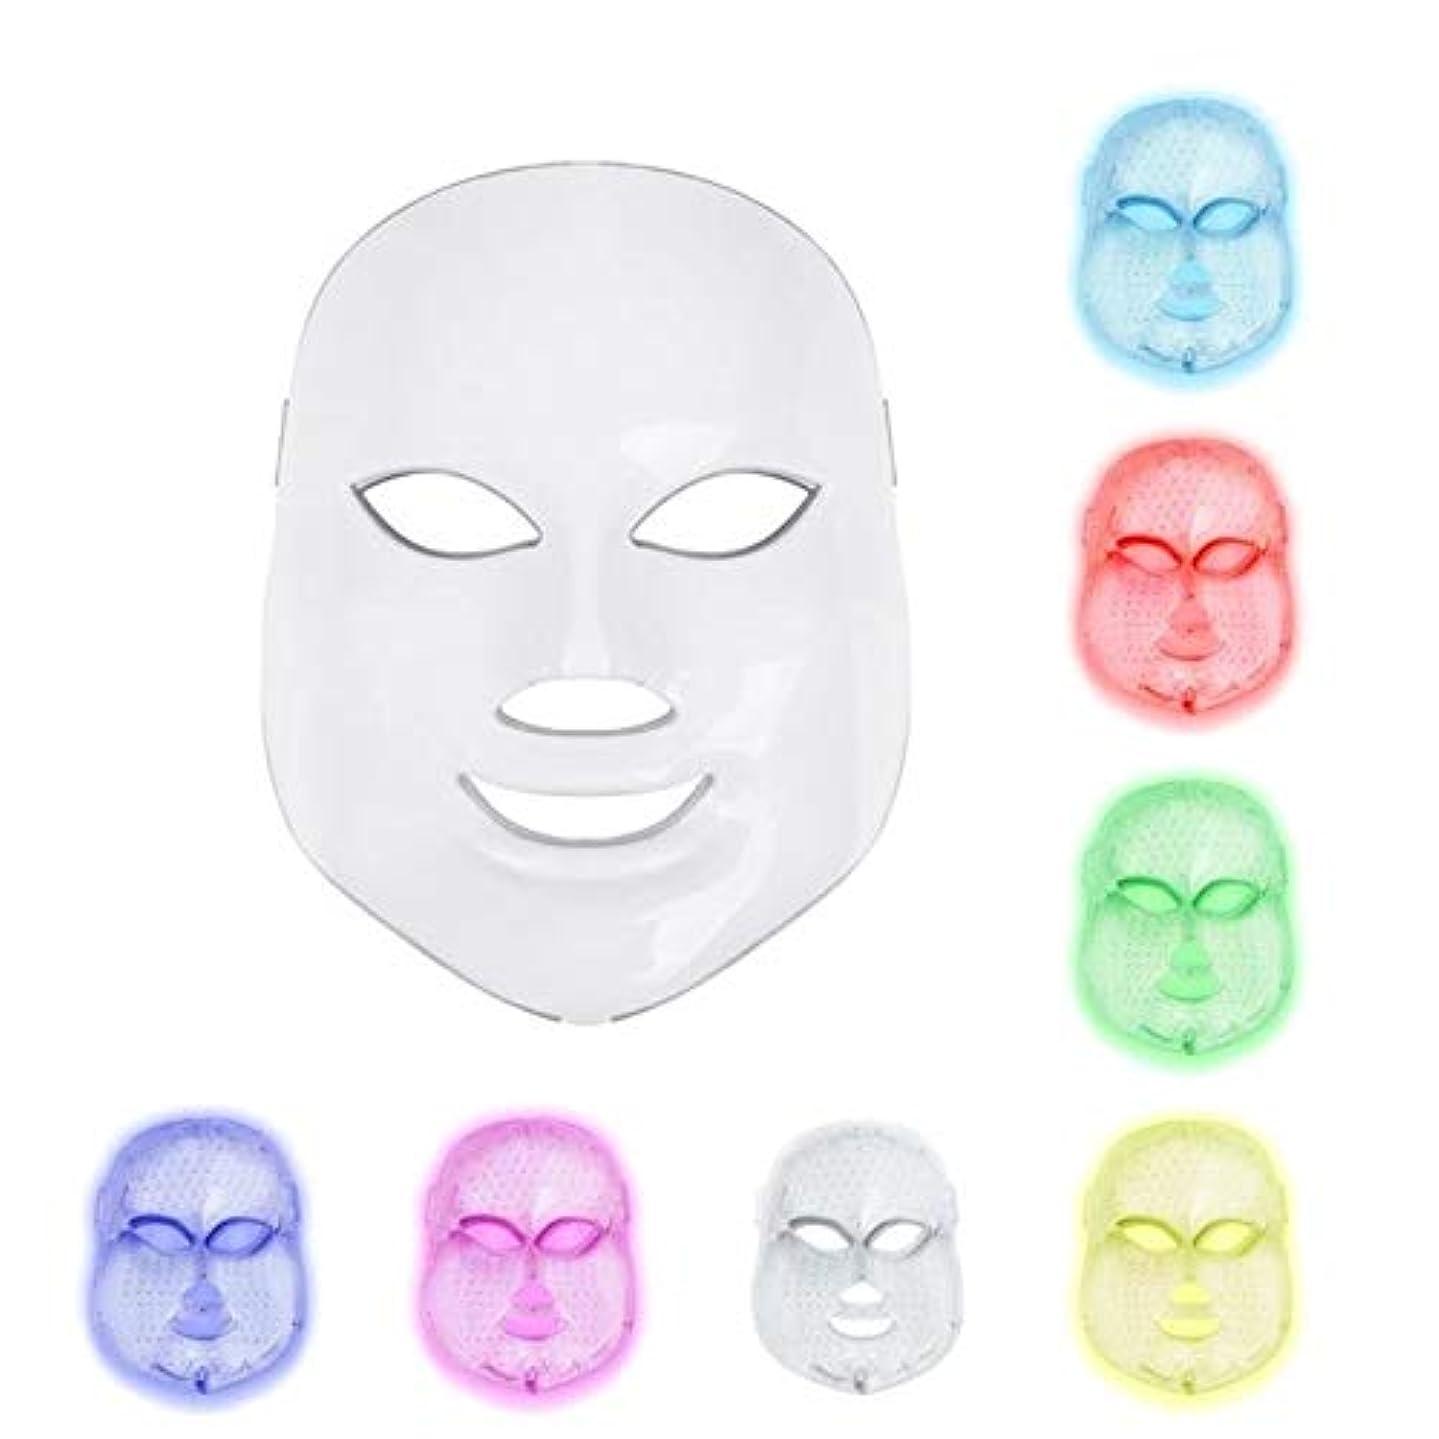 が欲しい下向きエンゲージメントLed光子療法7色光治療肌の若返りにきびスポットしわホワイトニング美顔術デイリースキンケアマスク